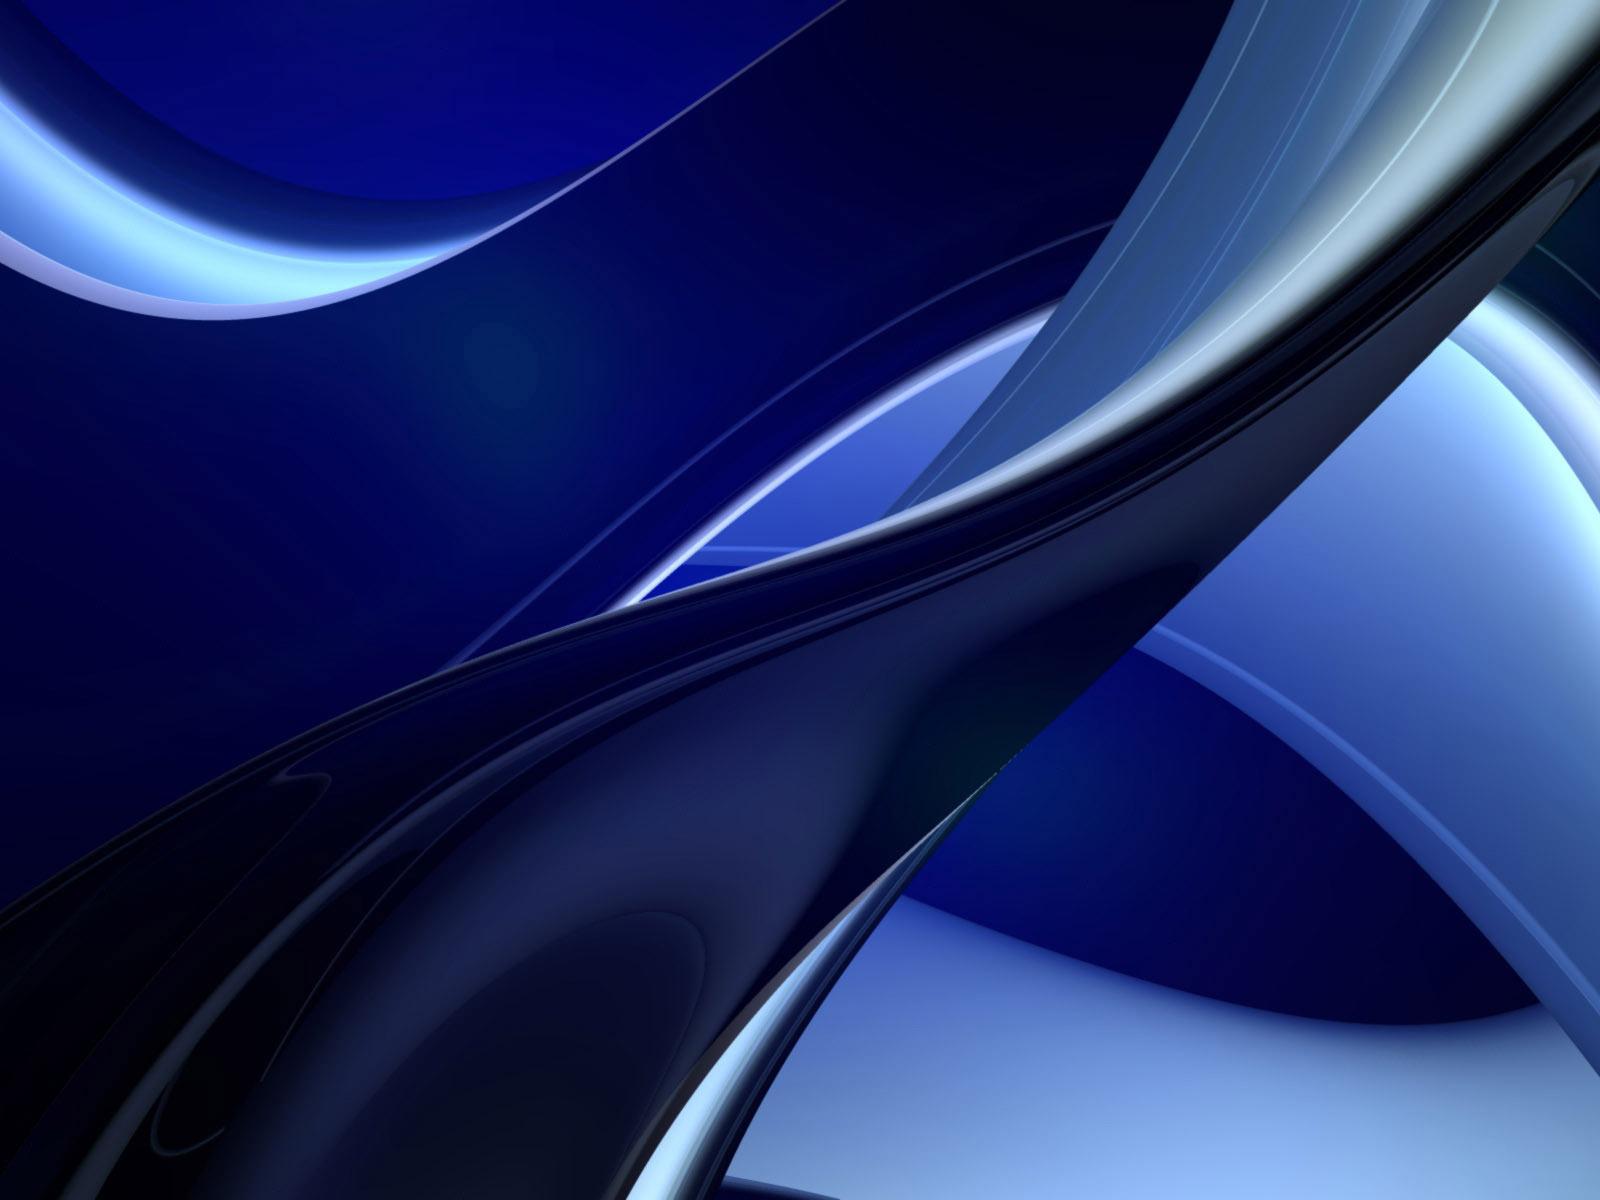 Immagini 3d archivio immagini da utilizzare come sfondo for Sfondi blu hd